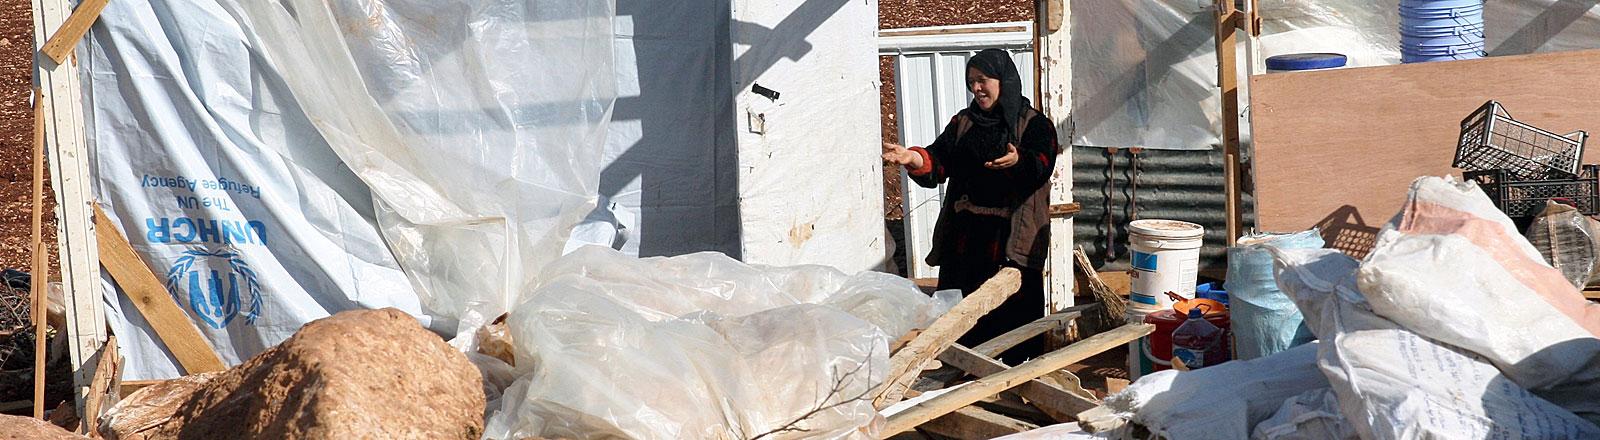 Syrische Frau im Kfar Zabad Flüchtlings-Camp, Libanon